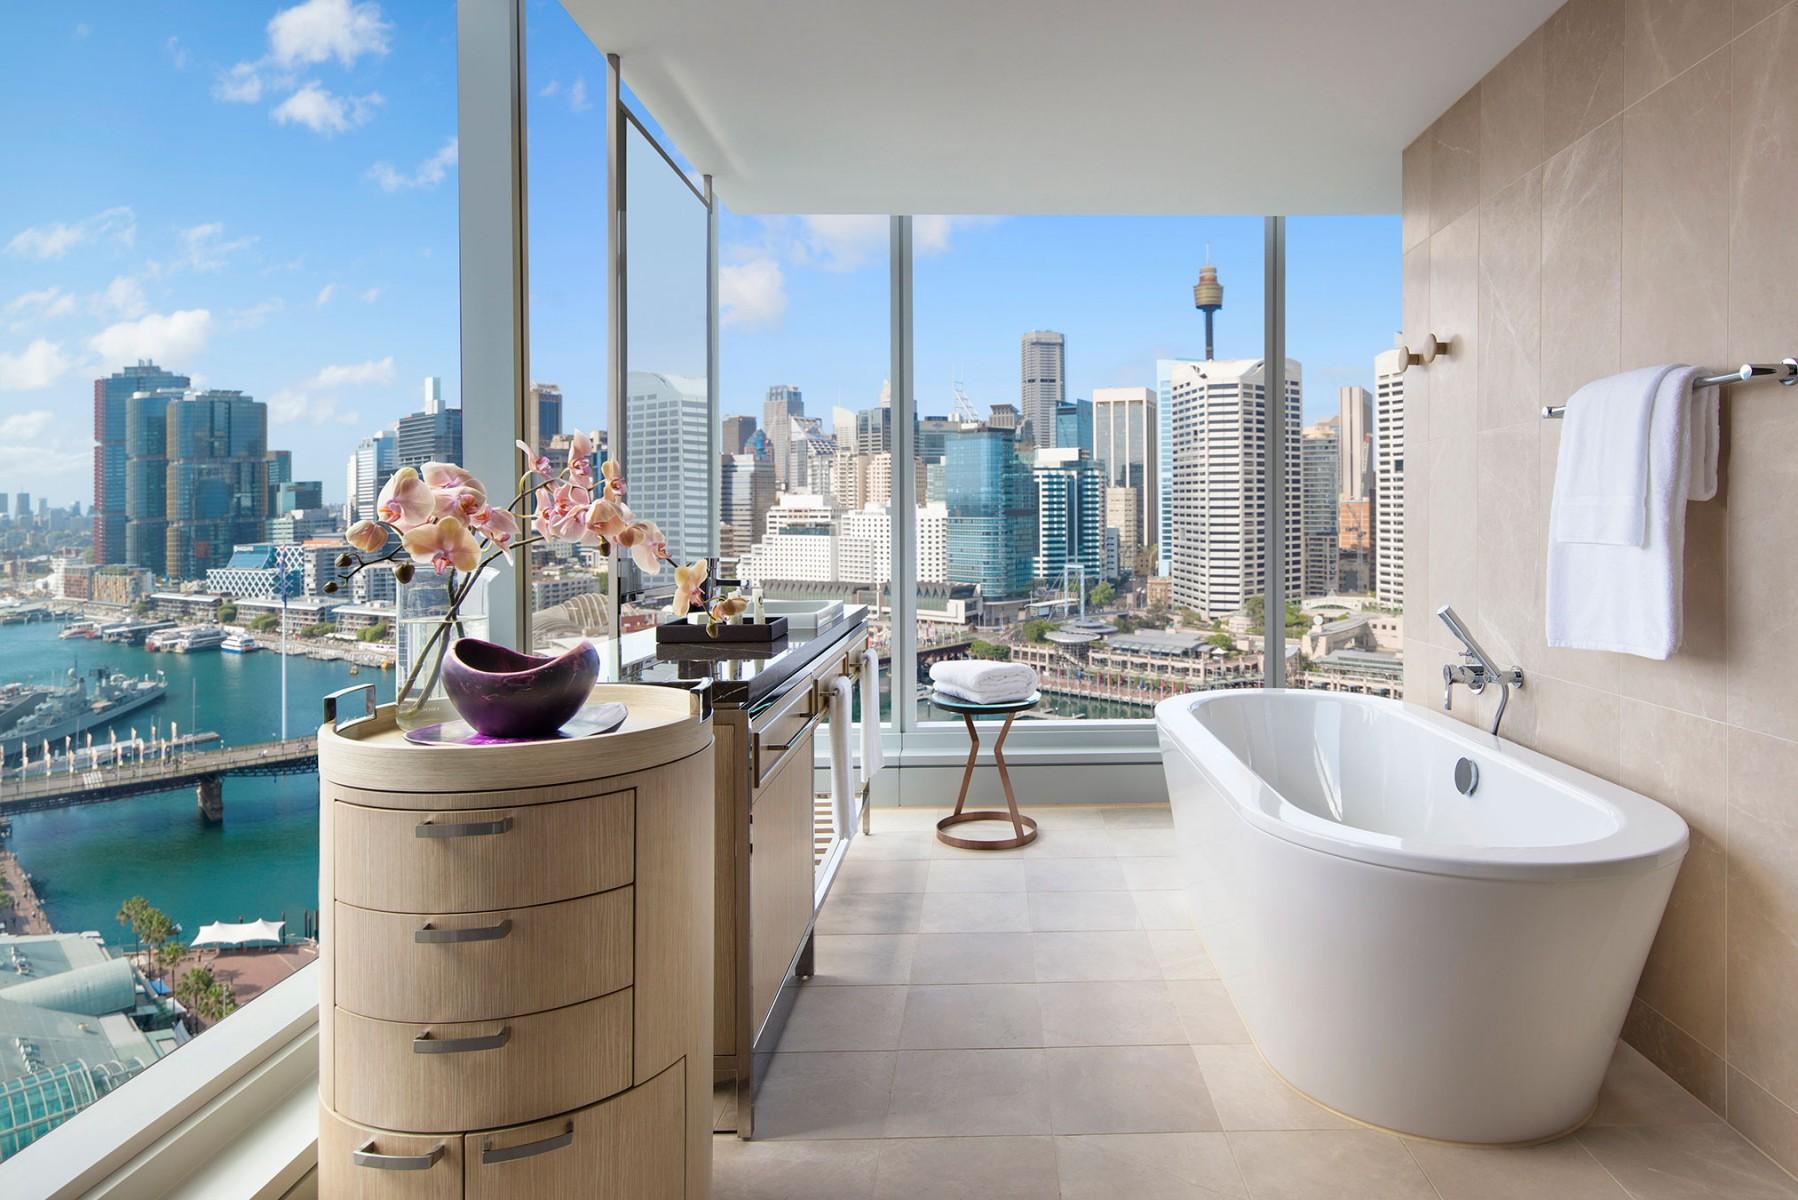 Luxury-corner-room_darling-harbour-view_bathroom2.jpg